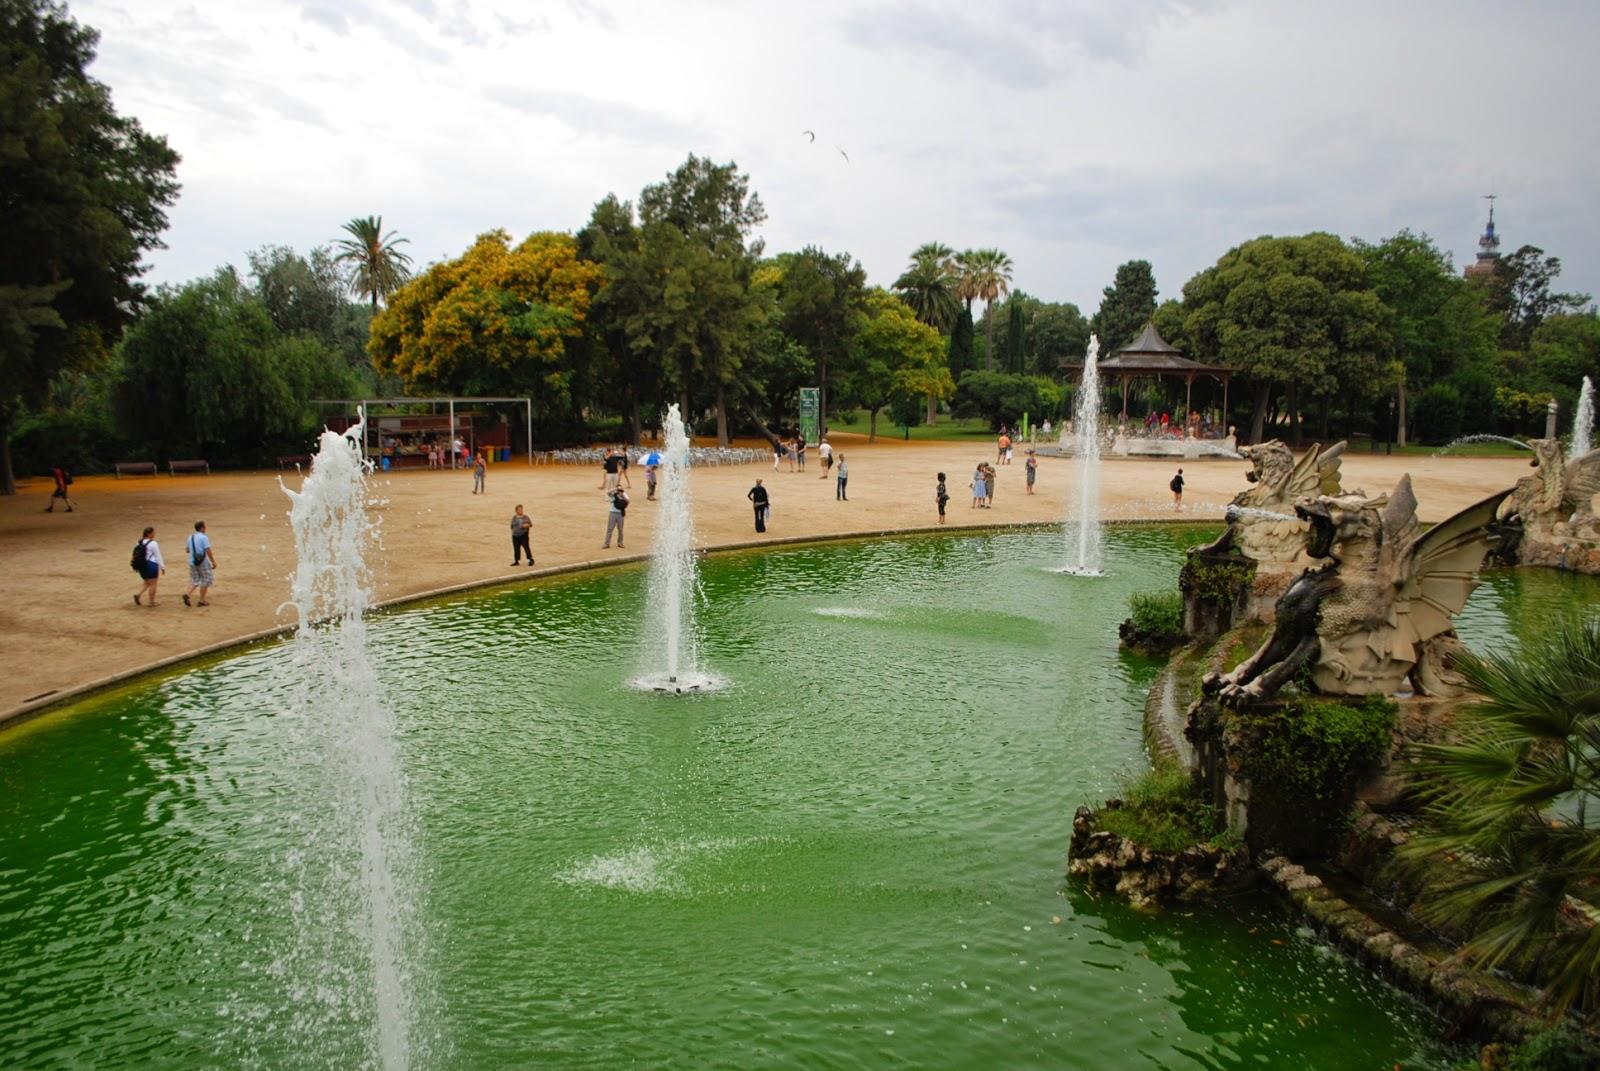 Древовидный монументальный фонтан — Cascada. Парк Цитадели (Сьютаделья, Ciutadella), Барселона, Каталония, Испания. Parc de la Ciutadella, Barcelona, Catalonia, Spain